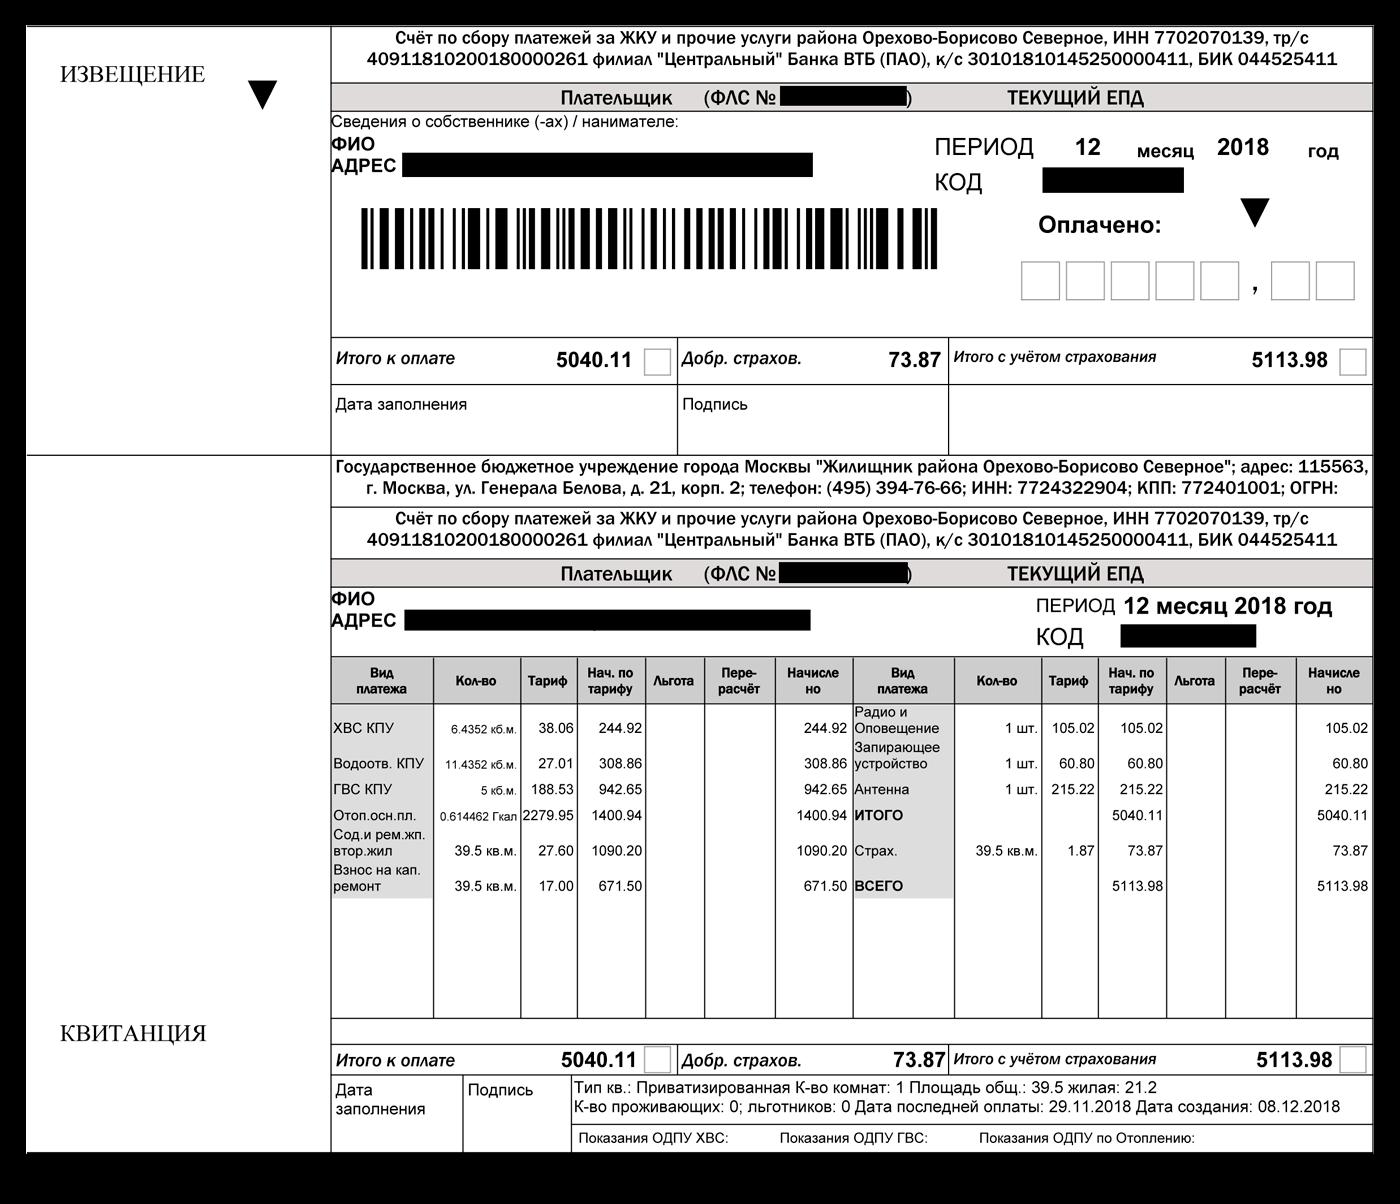 Такие платежные документы отправляют по Москве. Они содержат список услуг, объем потребления и начисления по каждой, общую сумму и стоимость страхования